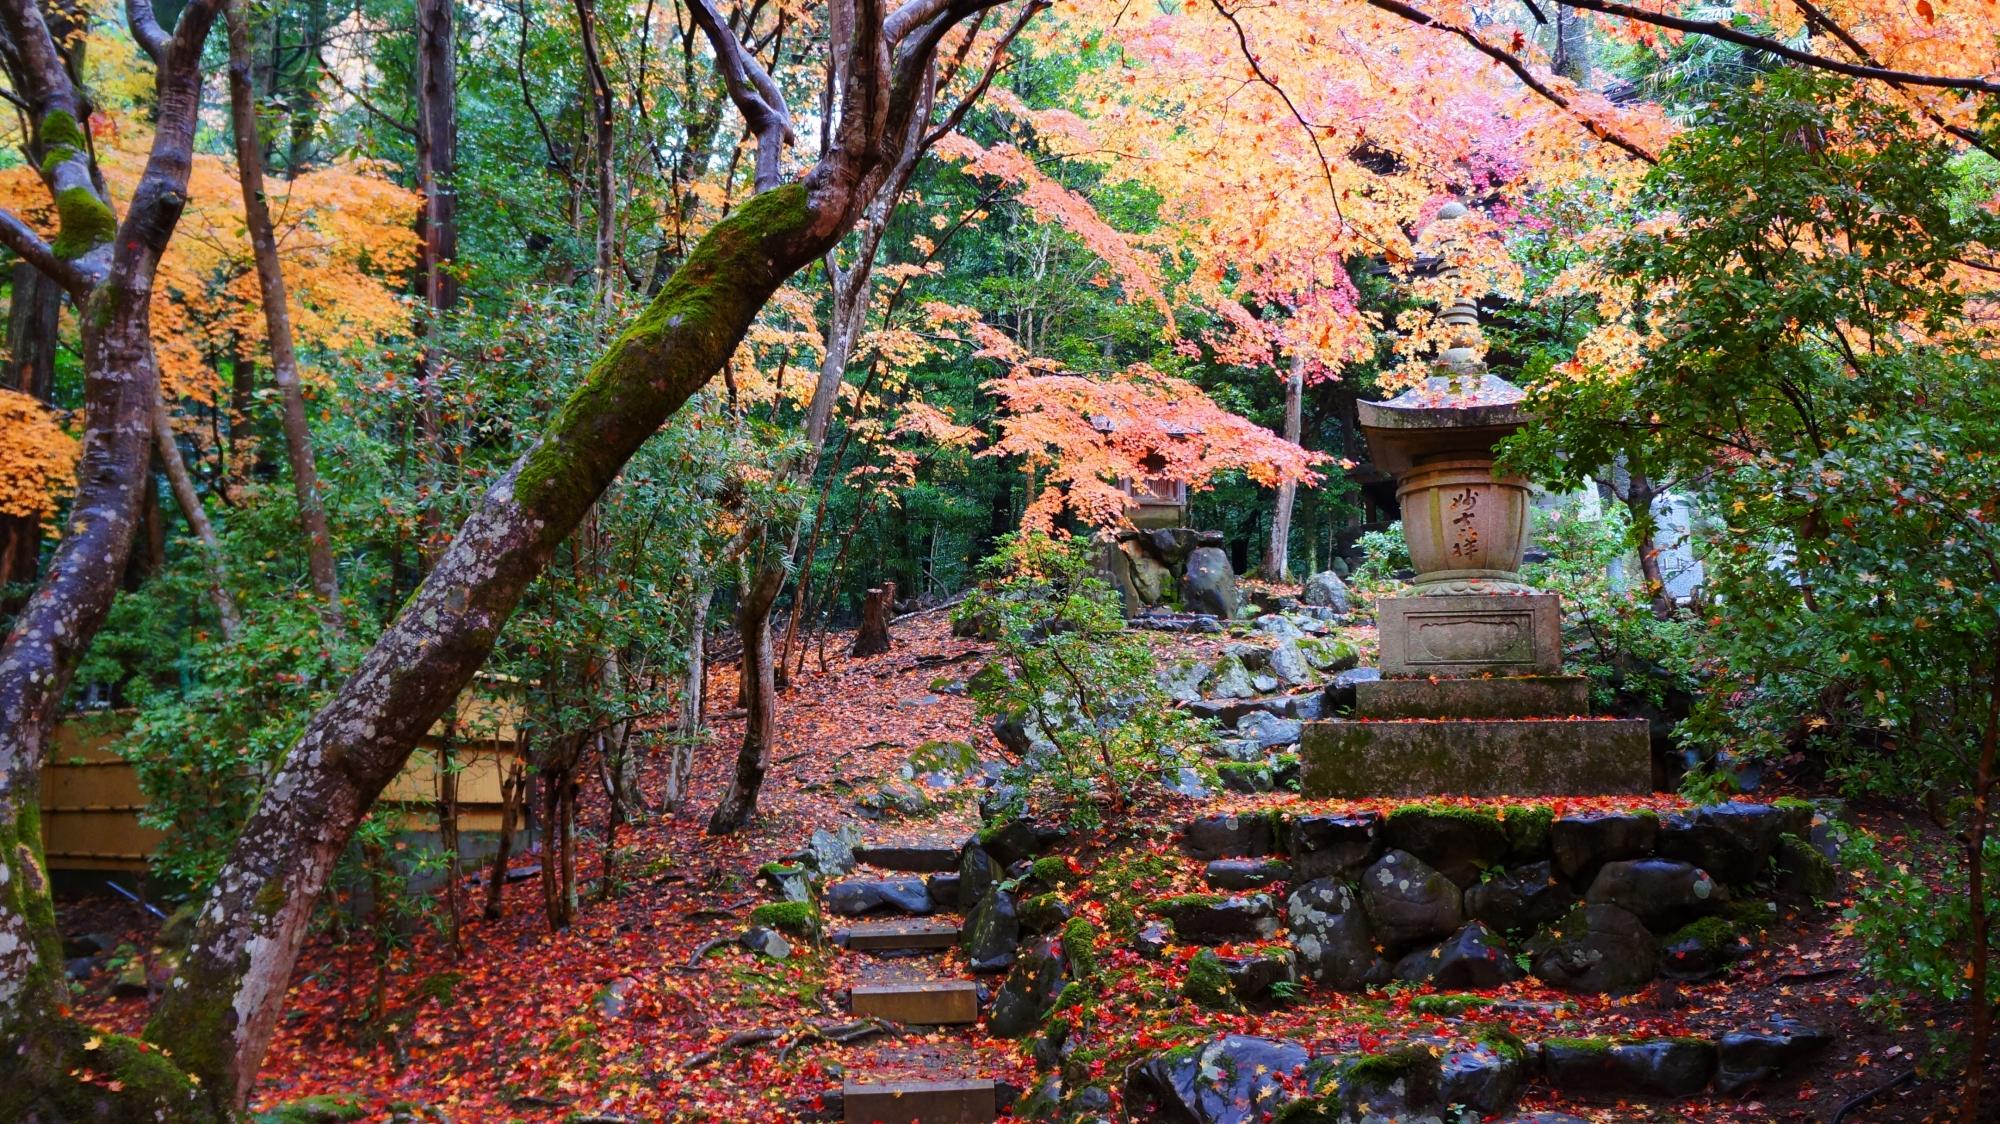 栖賢寺の石塔と紅葉